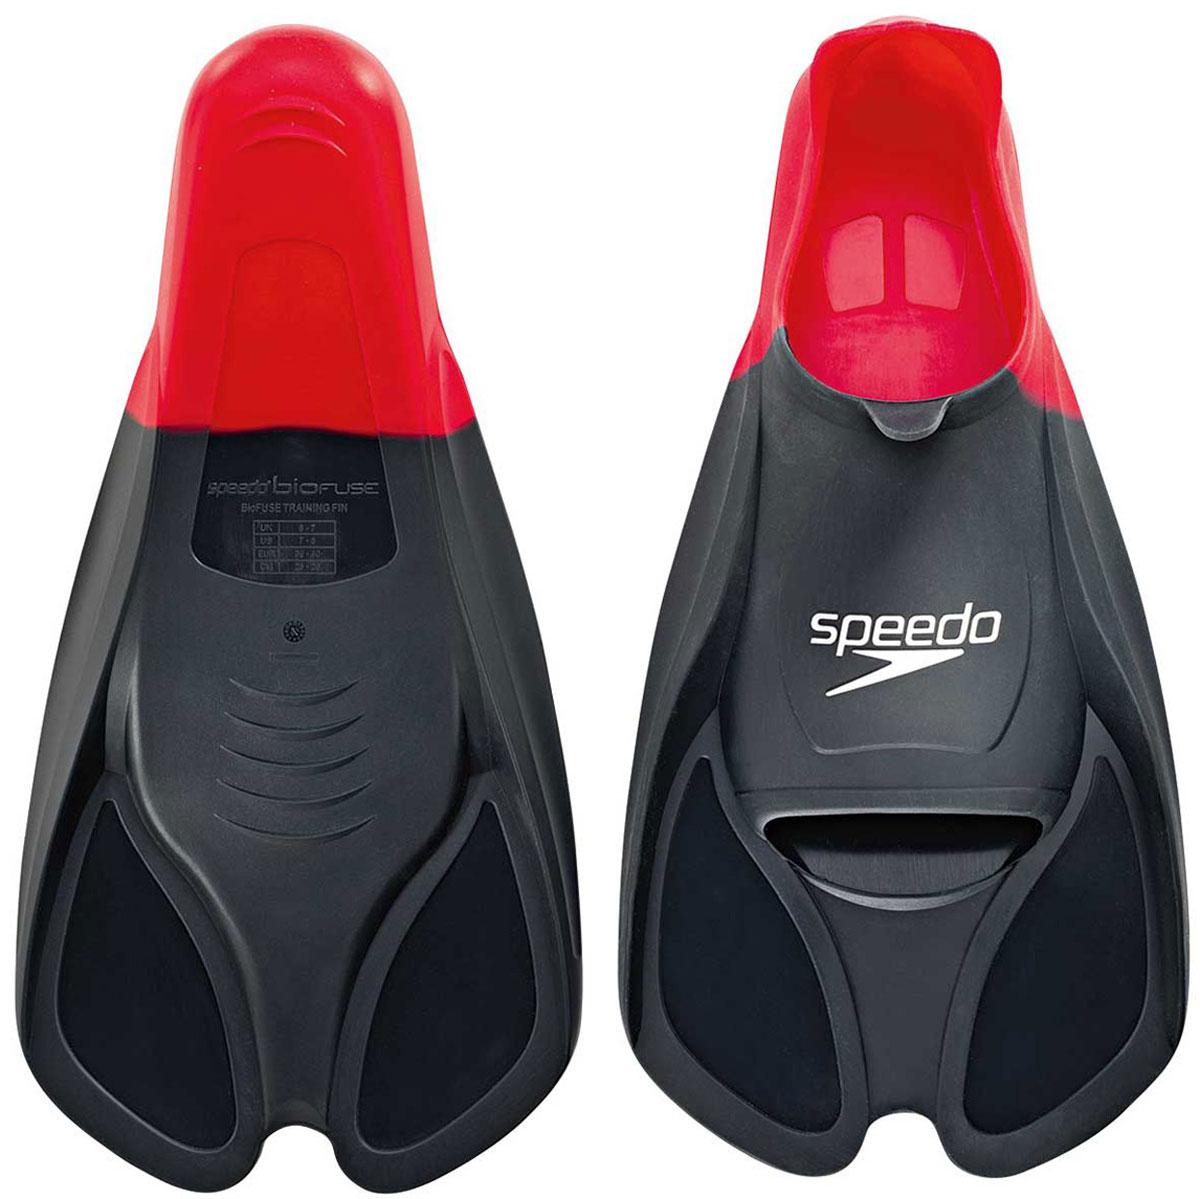 Ласты для плавания Speedo, цвет: красный. Размер 6-7. 8-0884139918-088413991_красный(6-7)Ласты Speedo Biofuse Training Fins являются незаменимым аксессуаром для тренировкисилы ног, при создании которого использовалась технология SpeedoBiofuse®.Неслучайно эти ласты для плавания предпочитает использовать многократныйолимпийский чемпион Майкл Фелпс.Достаточно жесткие лопасти позволяют создать мощную тягу в воде приестественном темпе работы ног. Специальный узор на поверхности подошвыпозволяет получить надежное сцепление с поверхностью бассейна. Формабашмака Speedo Biofuse Training Fin способствует развитию гибкости стопы, чтопозволяет сделать работу ног более эффективной.Башмак изготовлен из мягкого силикона, который не натирает кожу и прекраснорастягивается. Ласты для плавания Speedo Biofuse Tech Fin отлично подходят длятренировки работы ног в спринте, а также для повышения качества работы ног вовремя обучения плаванию. Специалисты Proswim.ru рекомендуют Speedo Biofuse Training Fin спортсменам- спринтерам, а также всем, кто имеет желание увеличить силу ног. Ласты дляплавания станут вашим лучшим помощником на пути совершенствования работыног.